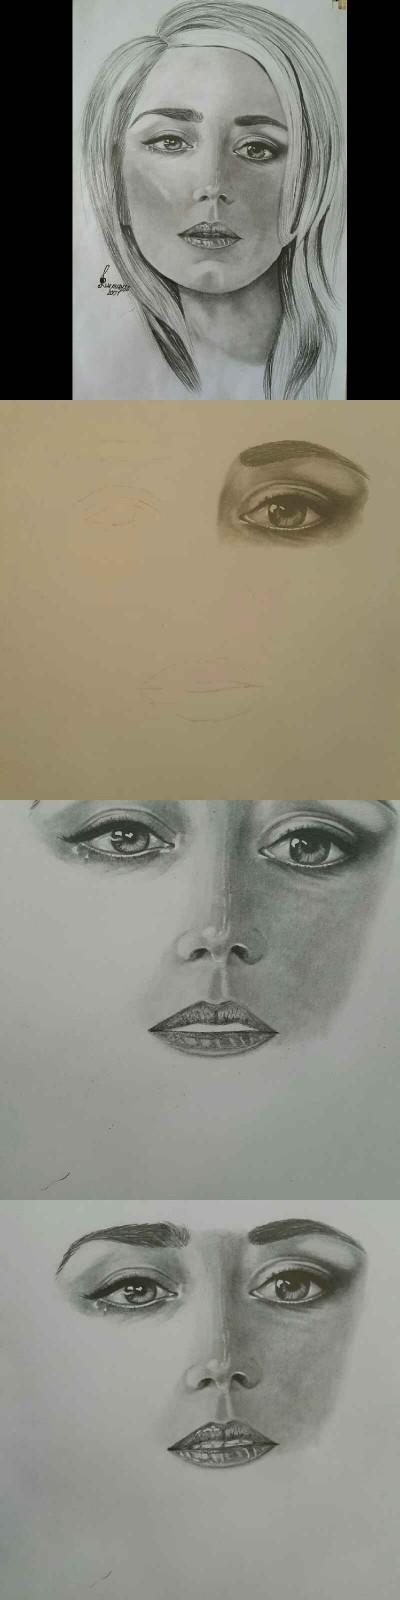 Emily Blunt   venus20   Digital Drawing   PENUP